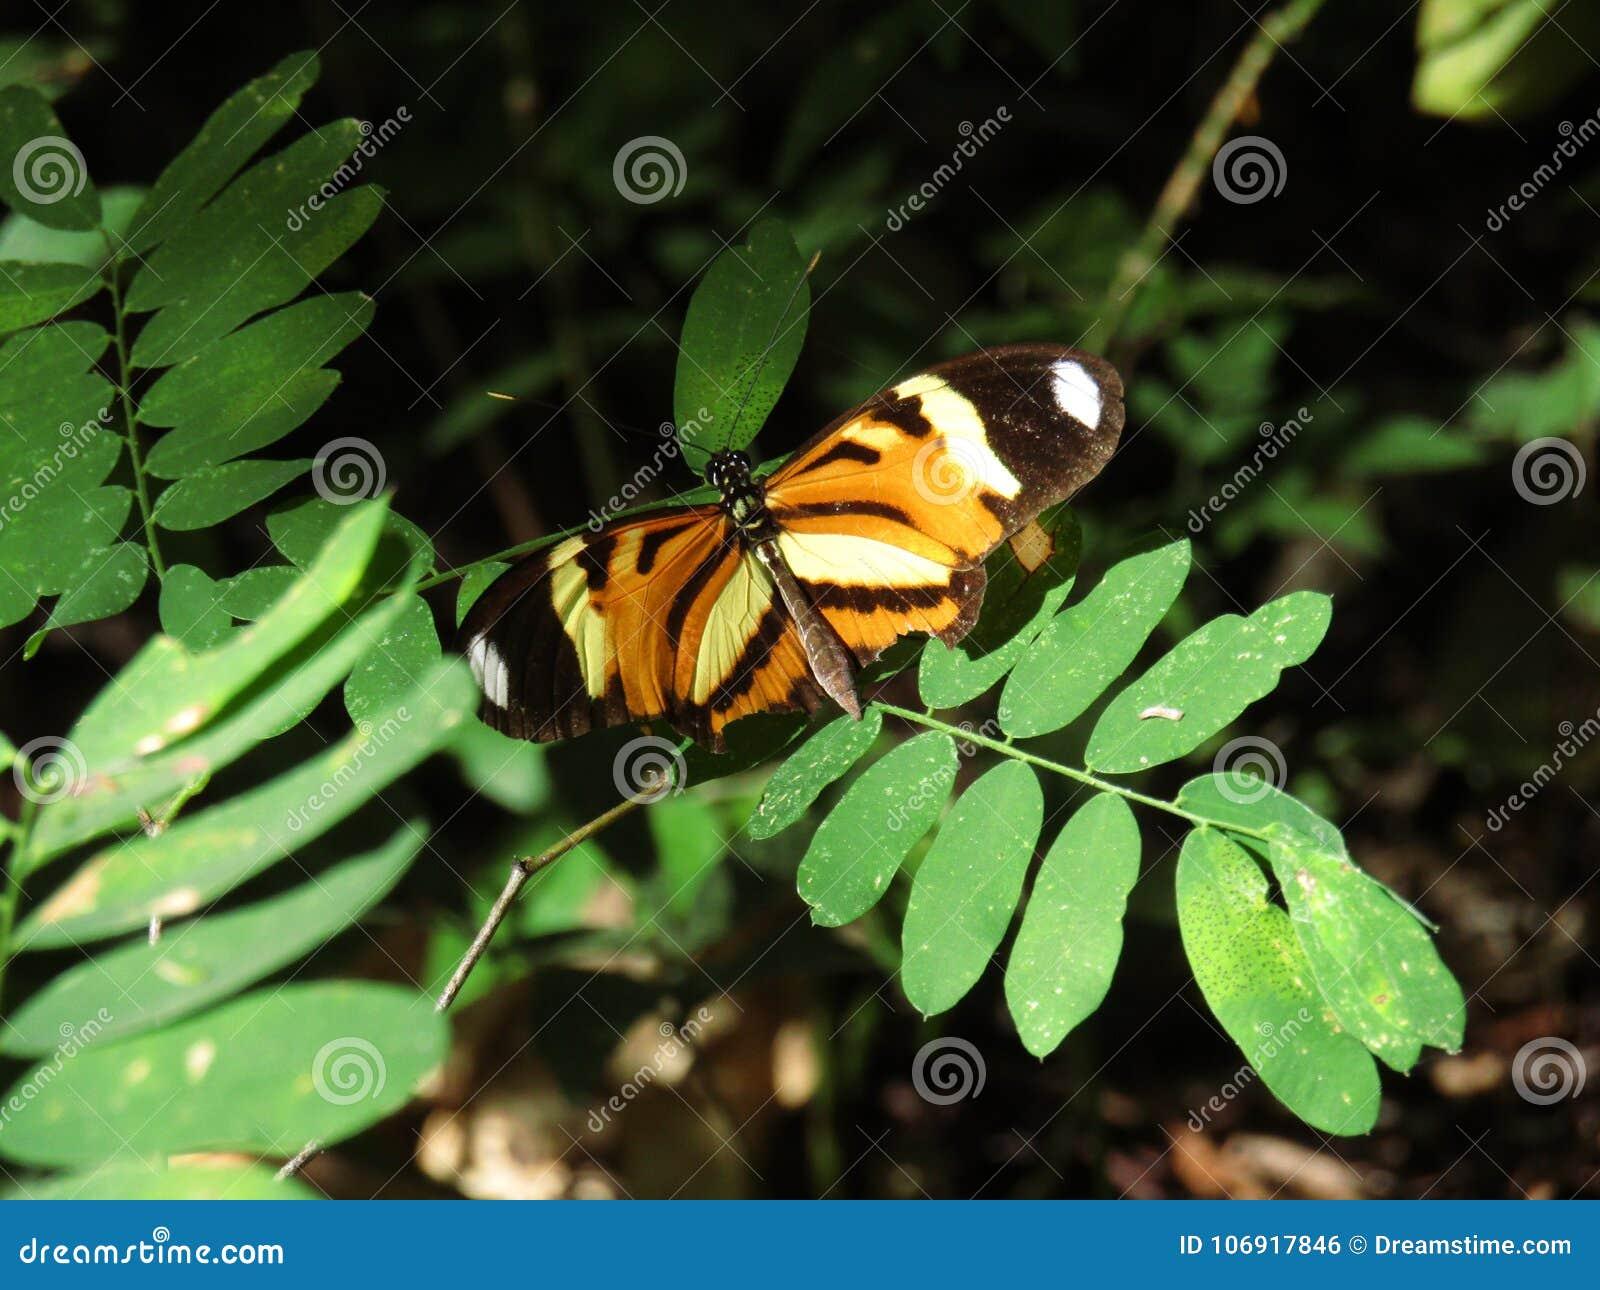 Motyl po środku rośliien